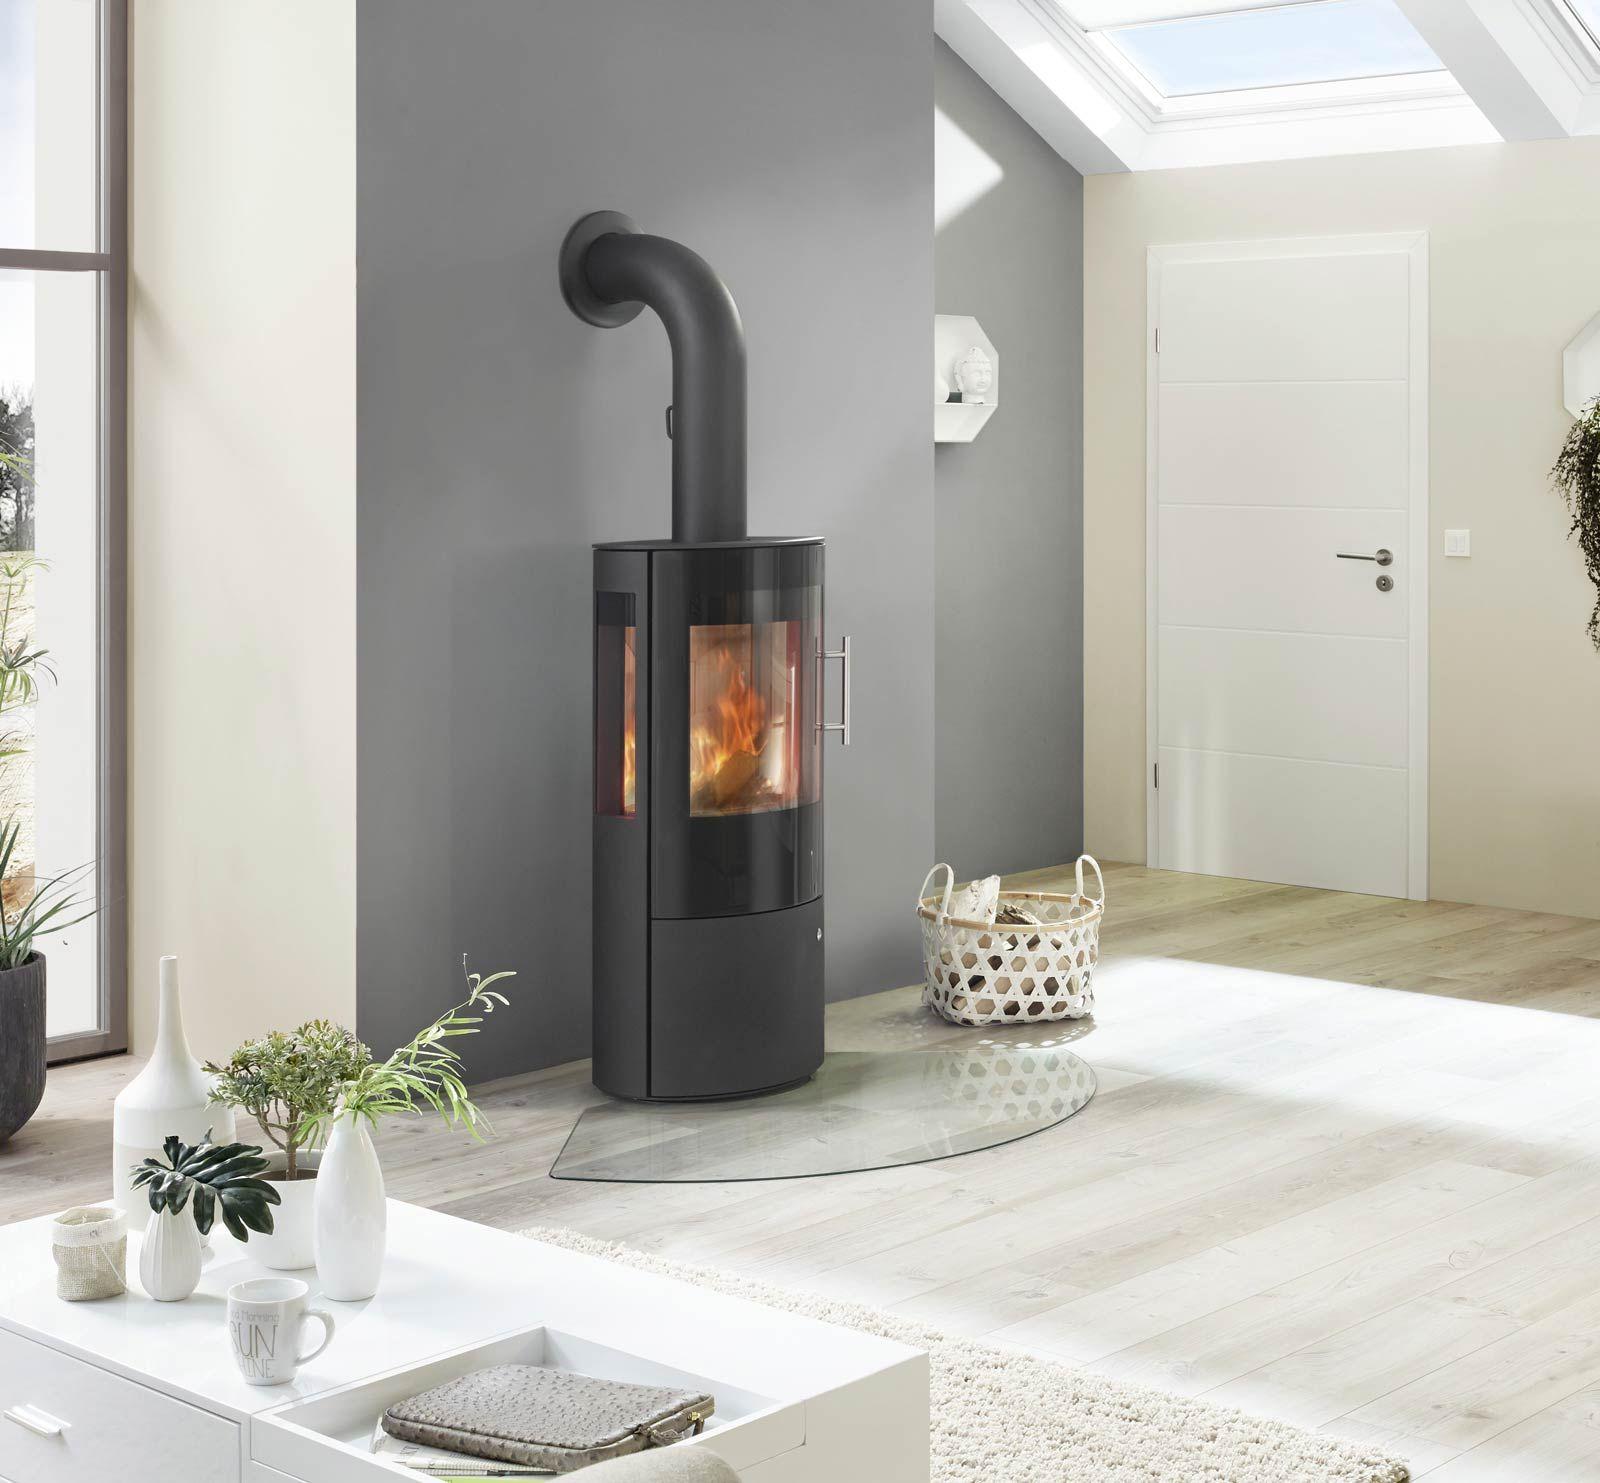 Kaminofen Königshütte DRACO Glastür 5 kW fireplace